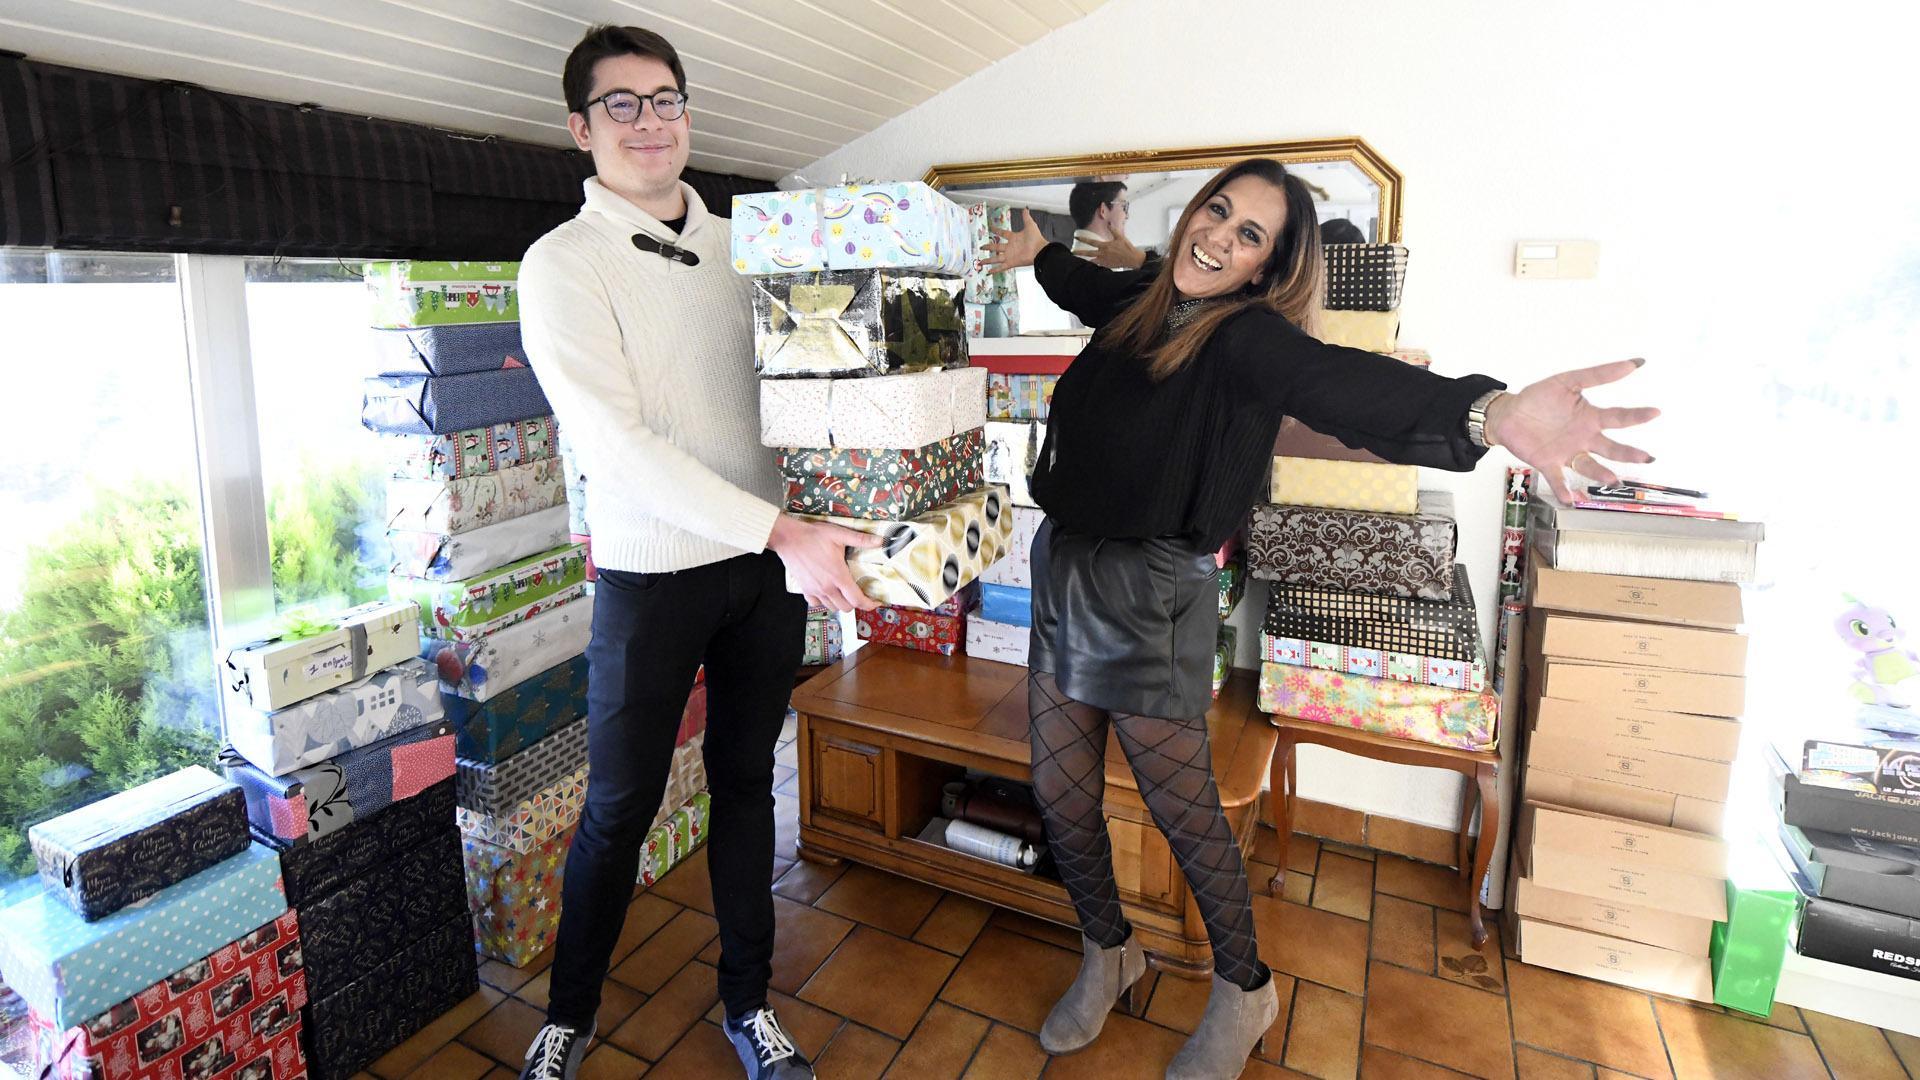 Les boites de Noël font un carton : Malika coordonne l'opération avec le groupe boite de Noël Haut-Rhin